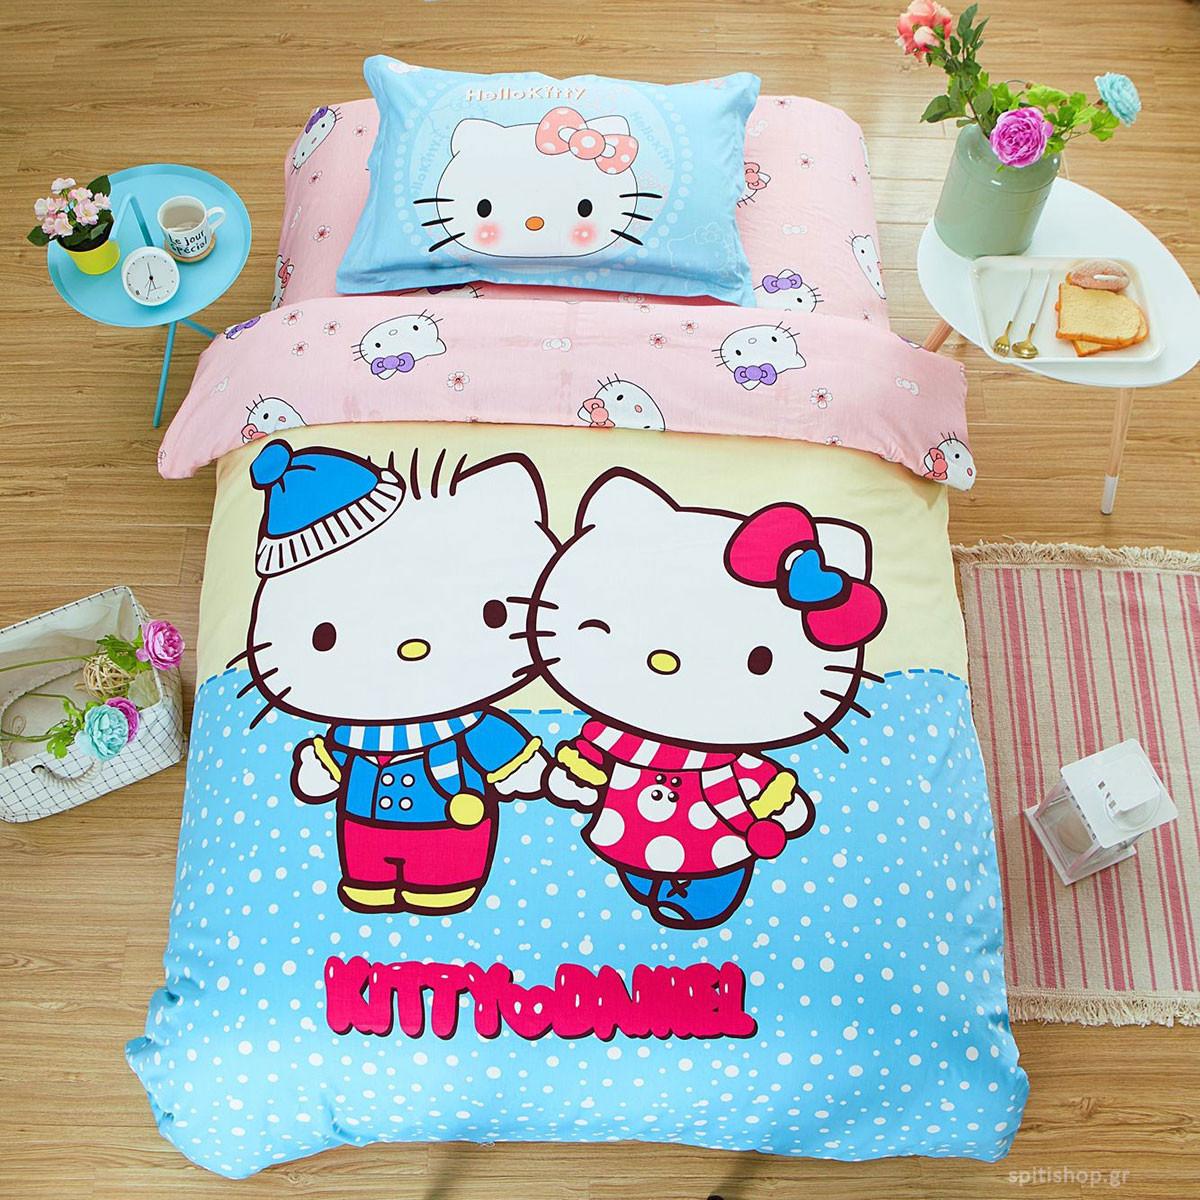 Πάπλωμα Μονό MC Decor Kids Kitty 4758